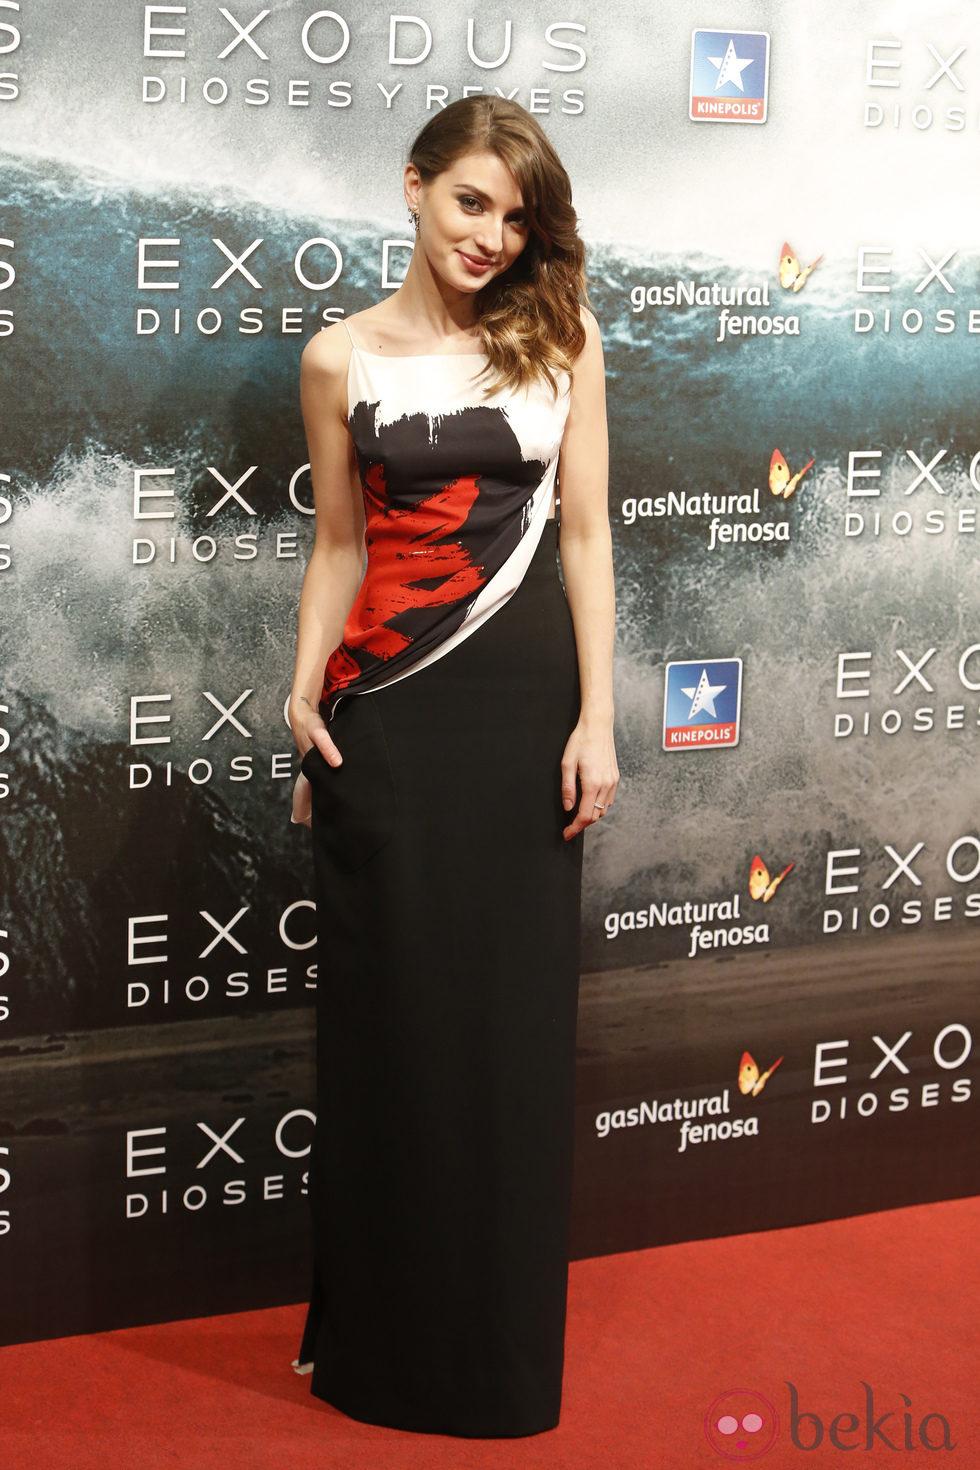 María Valverde en el estreno de 'Exodus' en Madrid